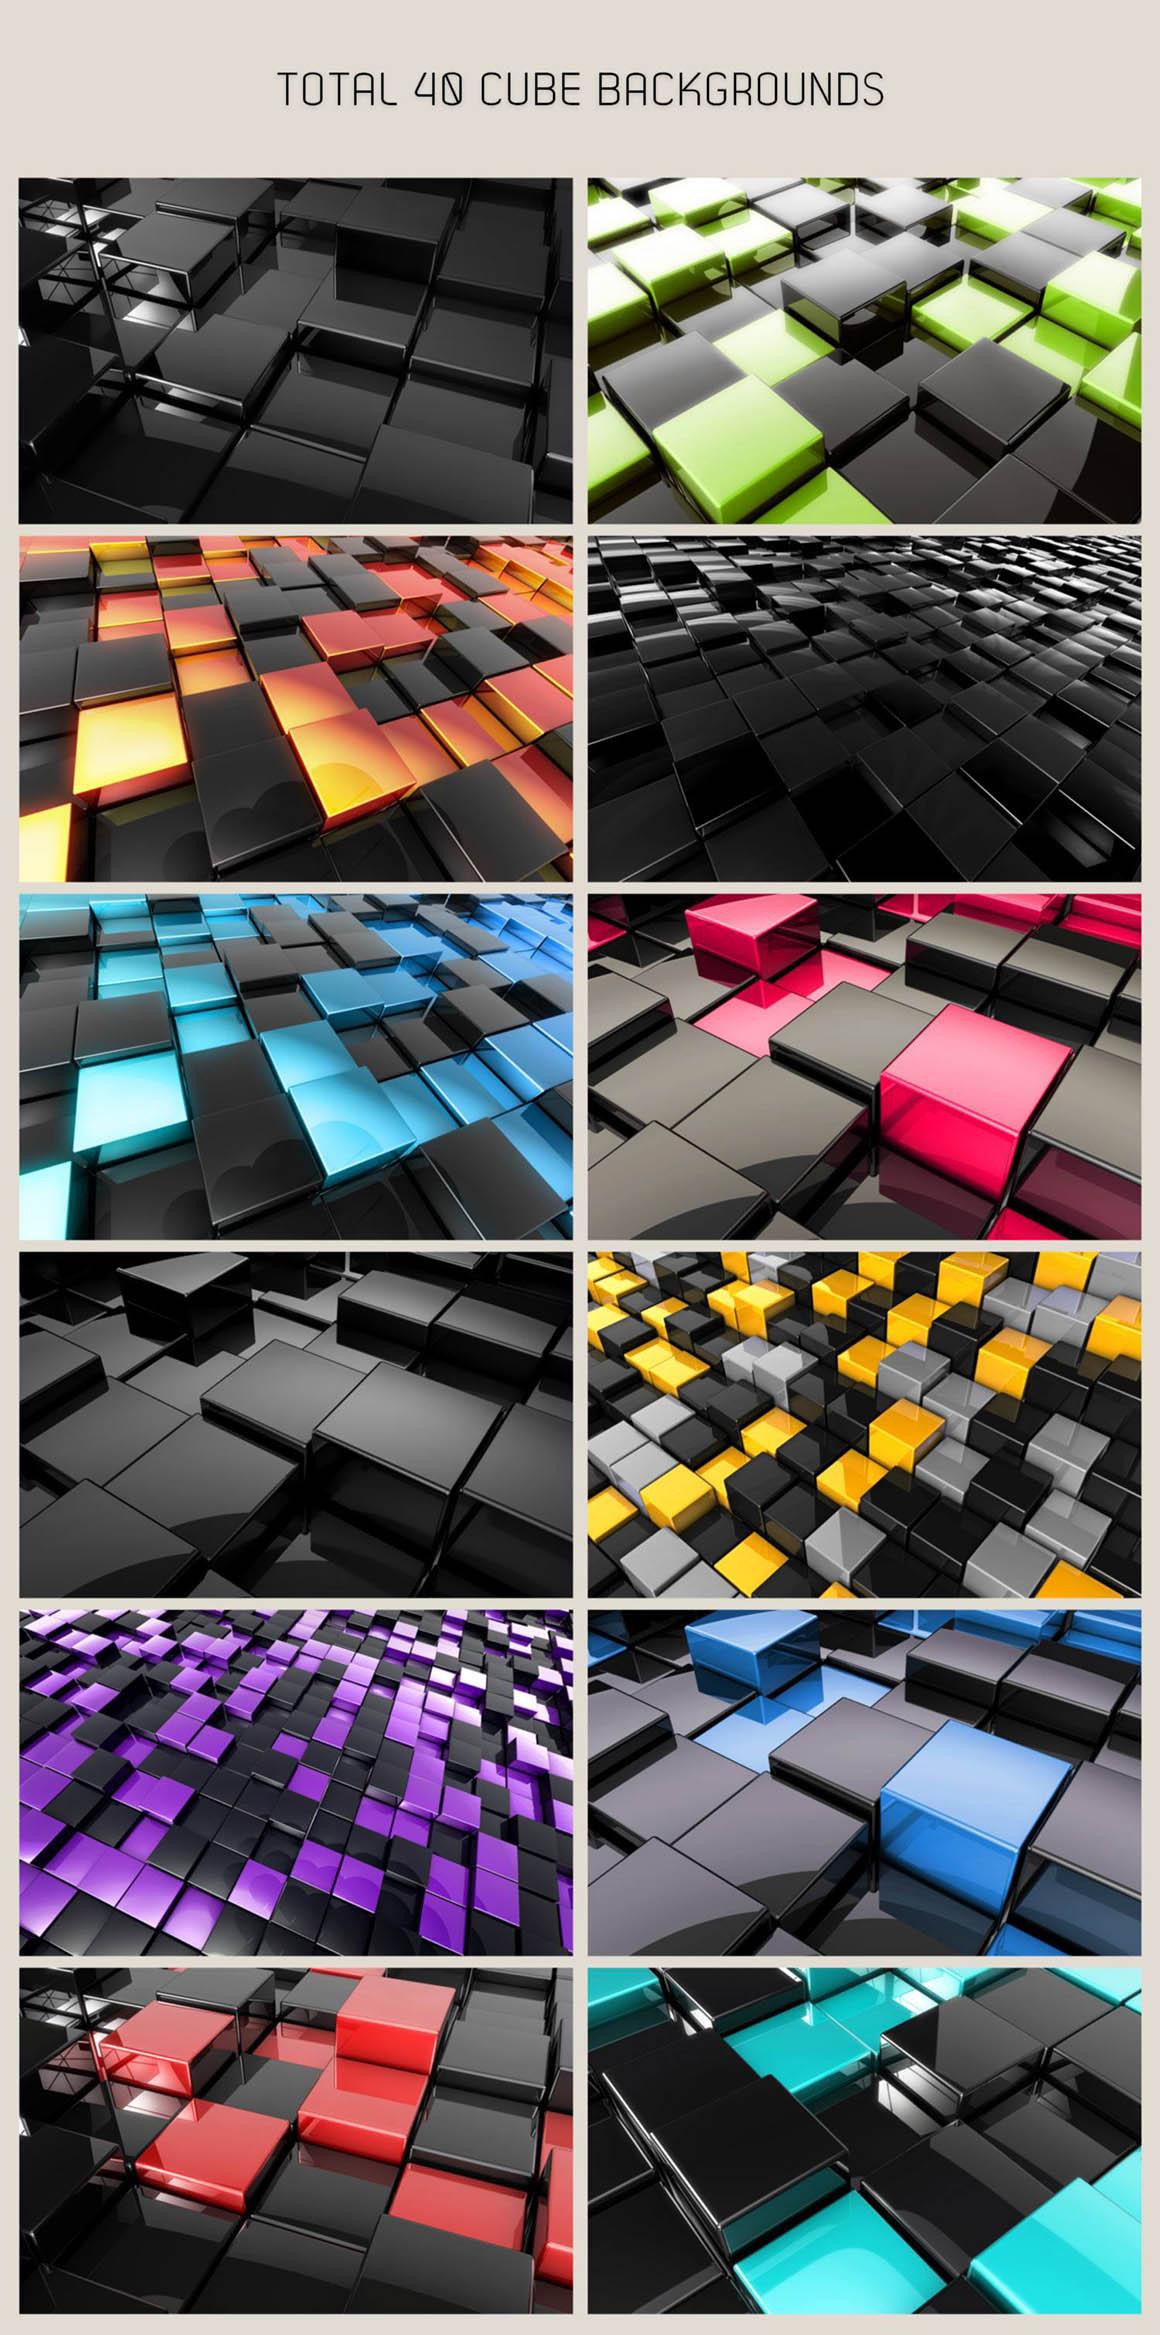 3Dglossycubebgs2